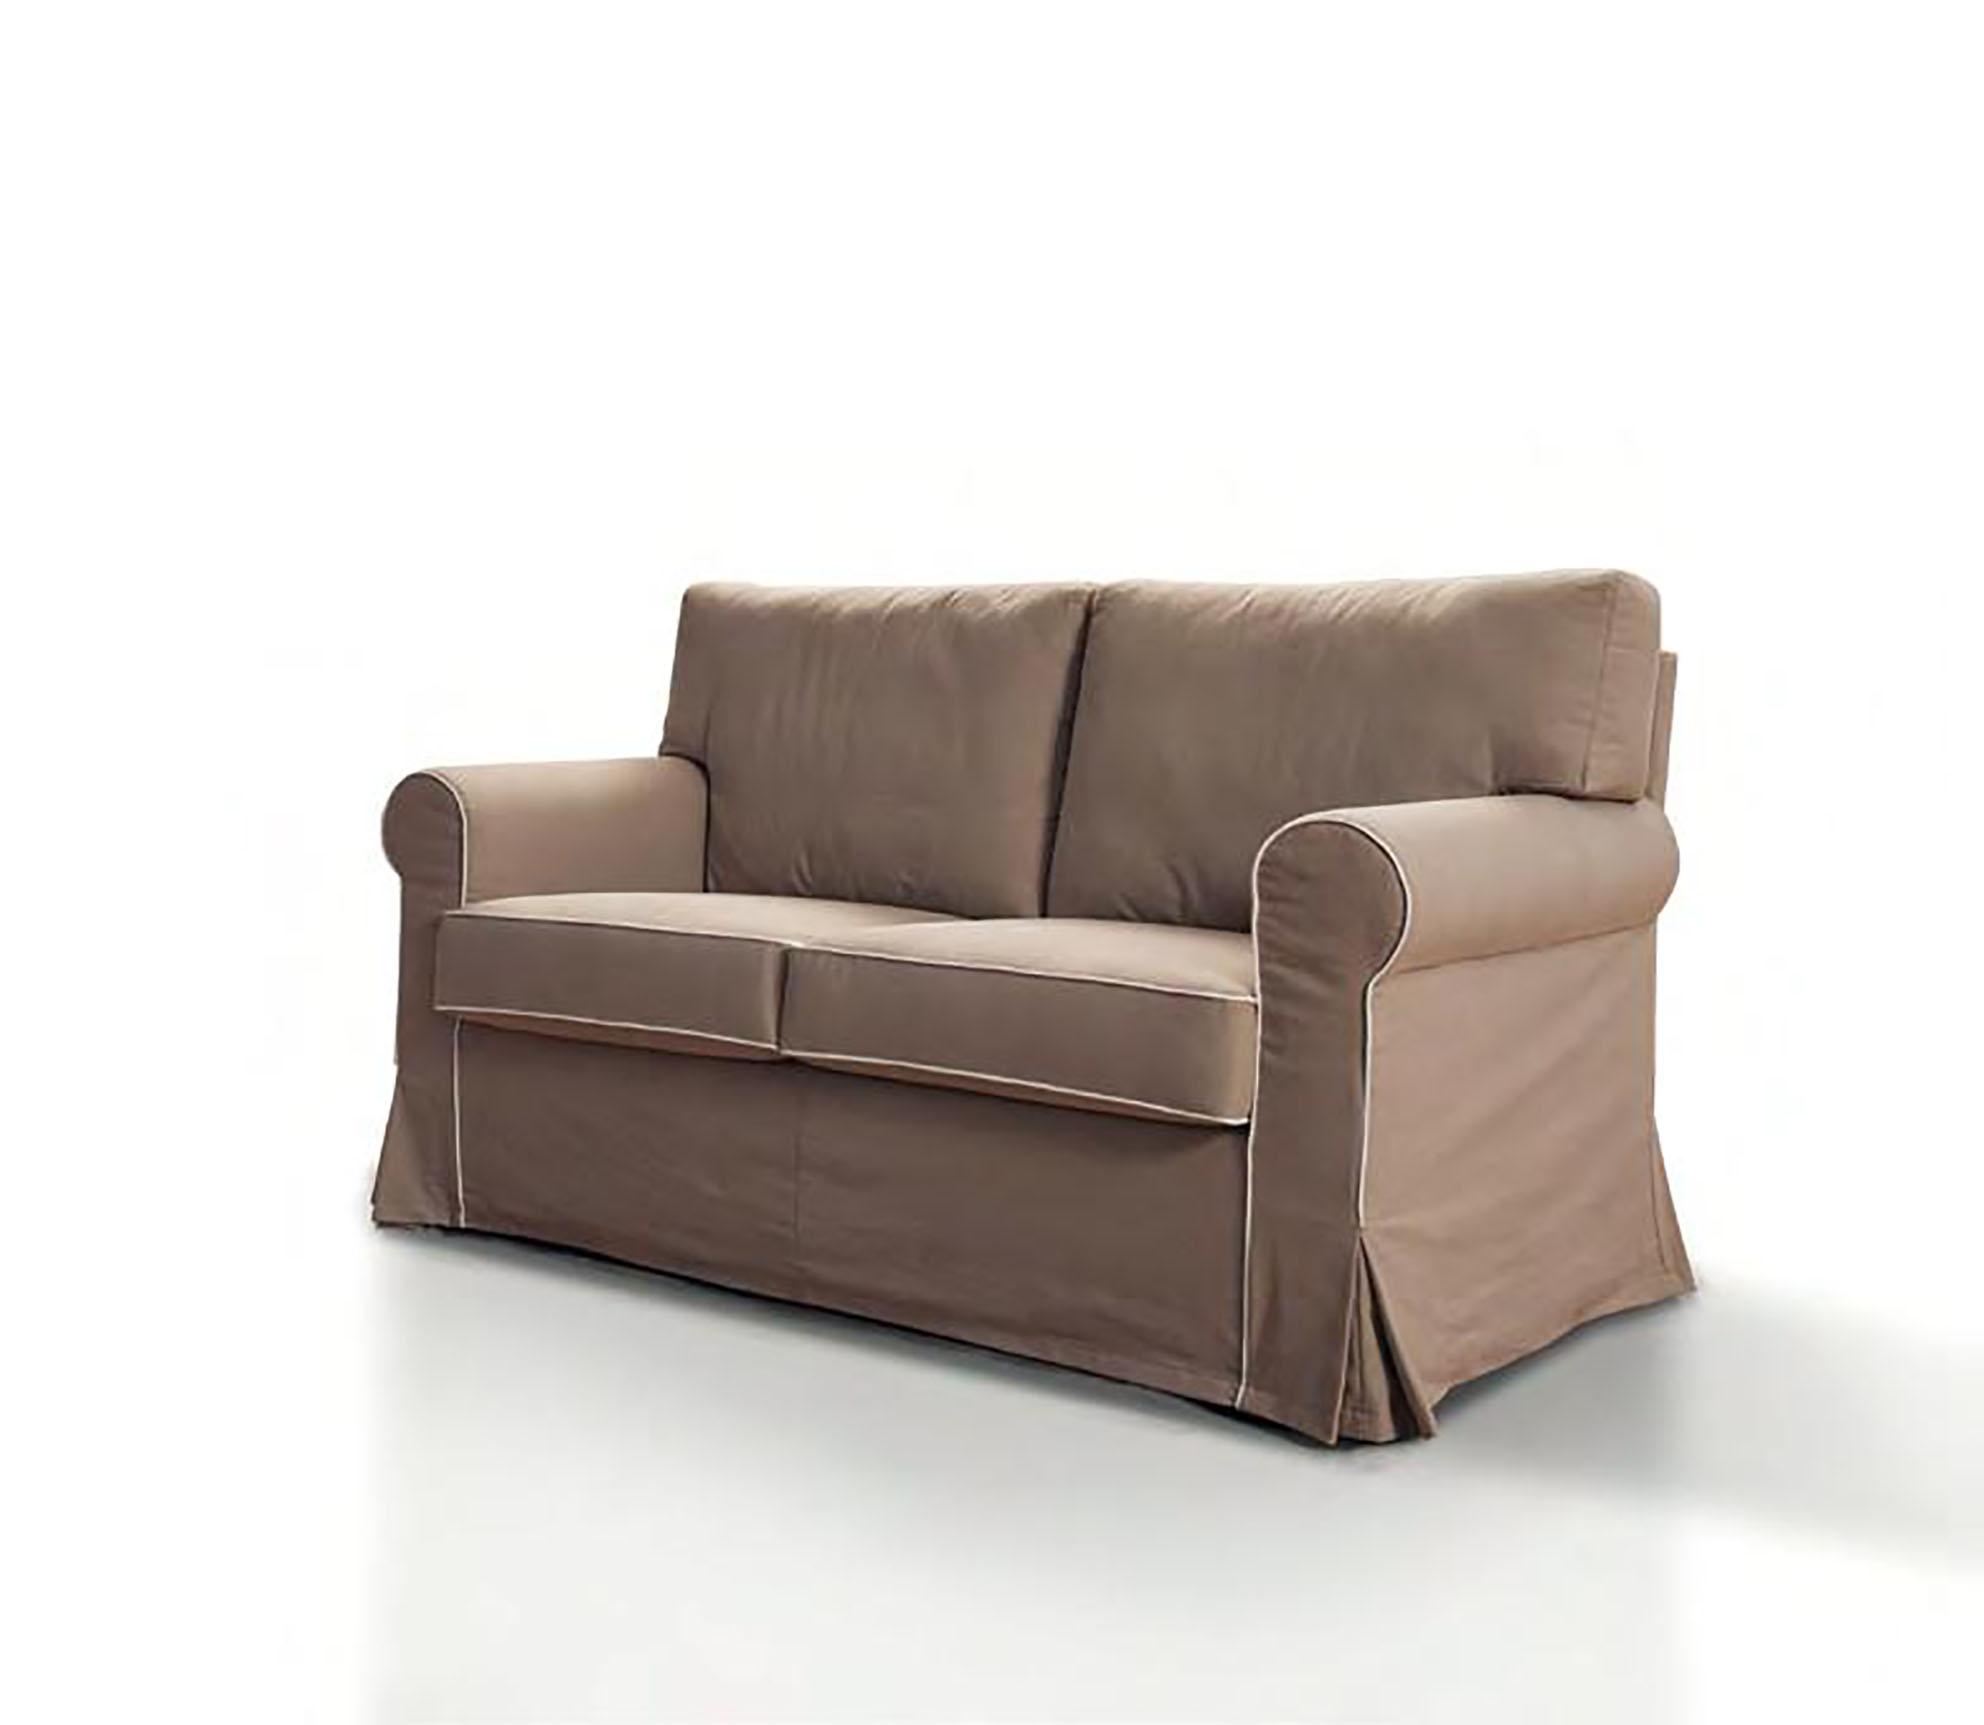 Divano con chaise longue in tessuto modello vintage errebi for Divano tessuto